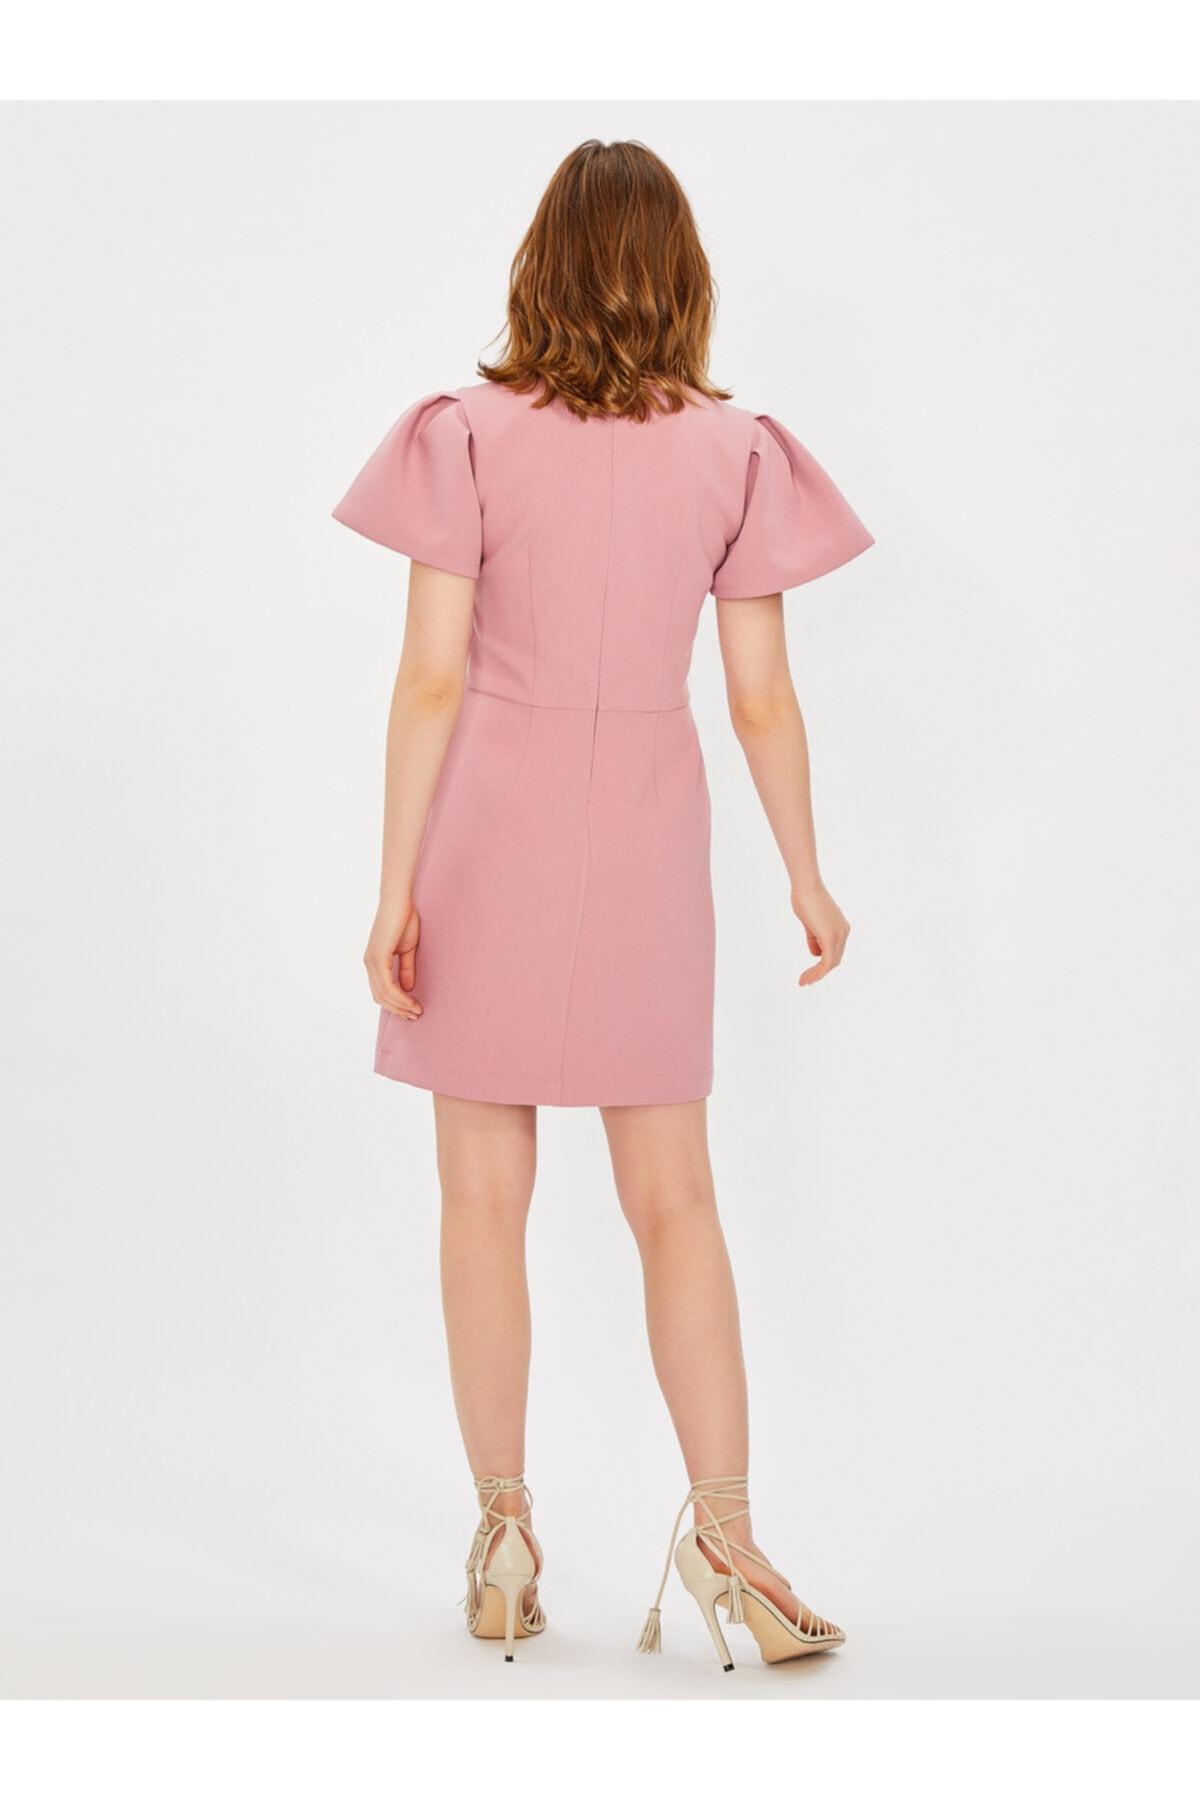 Vekem Kadın Pudra Balon Kol Pili Detaylı Elbise 2